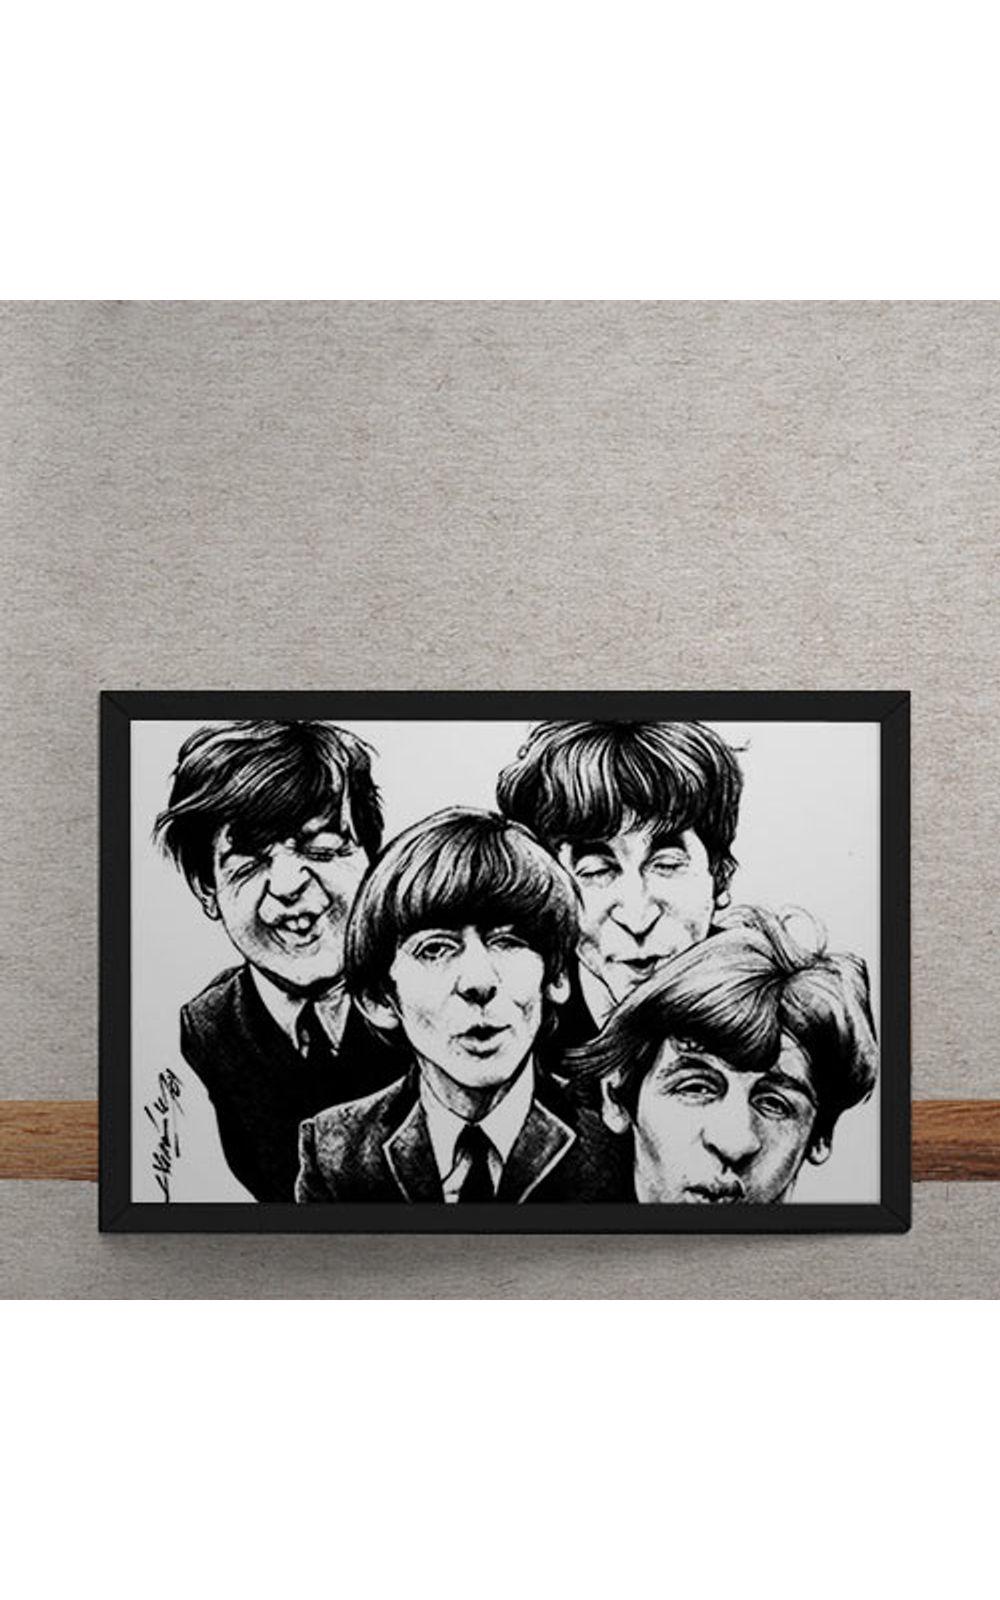 Foto 3 - Quadro Decorativo Beatles Caricatura